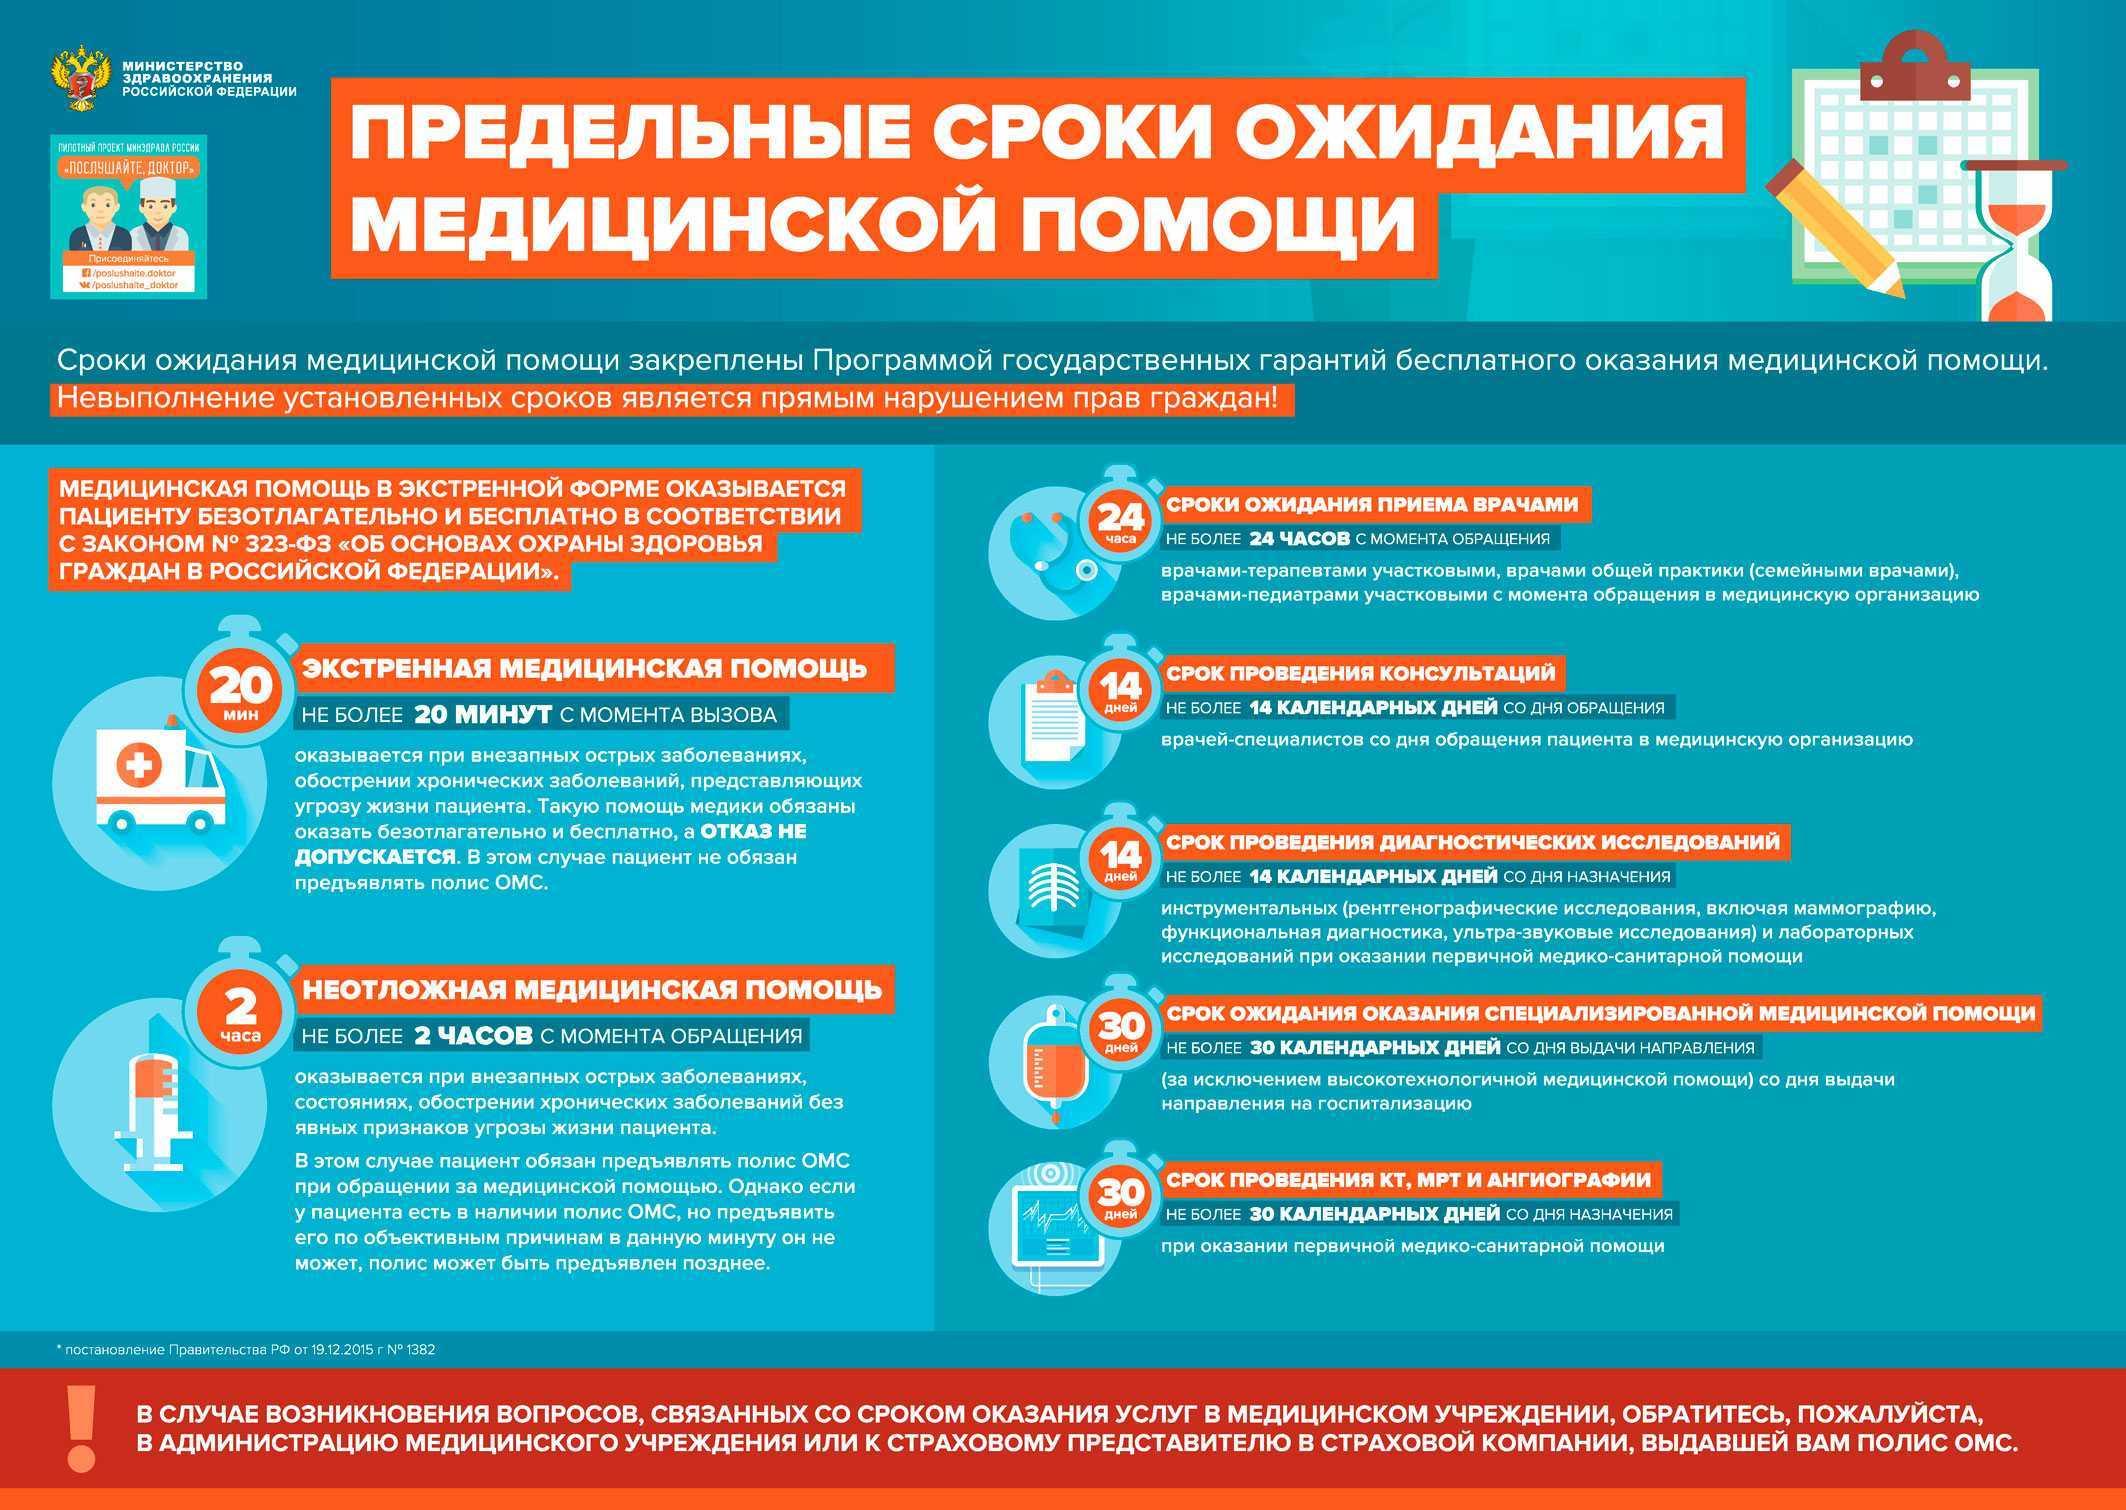 Минздрав России назвал максимальные сроки ожидания медицинской помощи